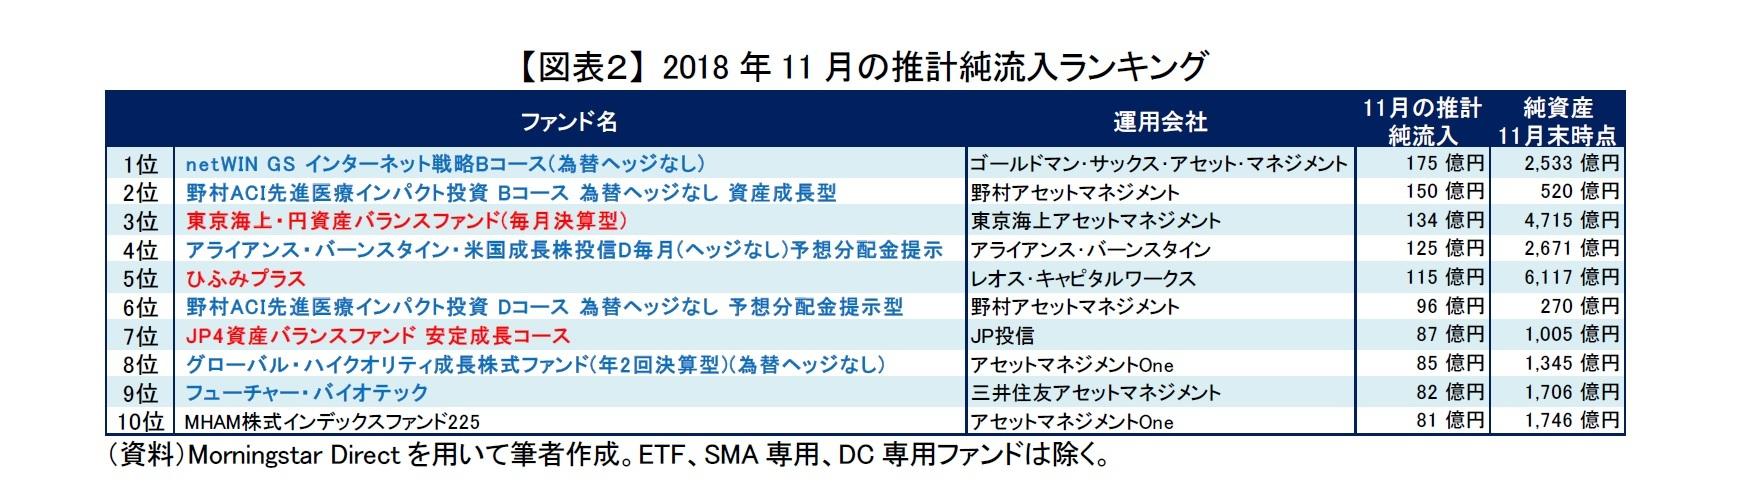 【図表2】 2018年11月の推計純流入ランキング